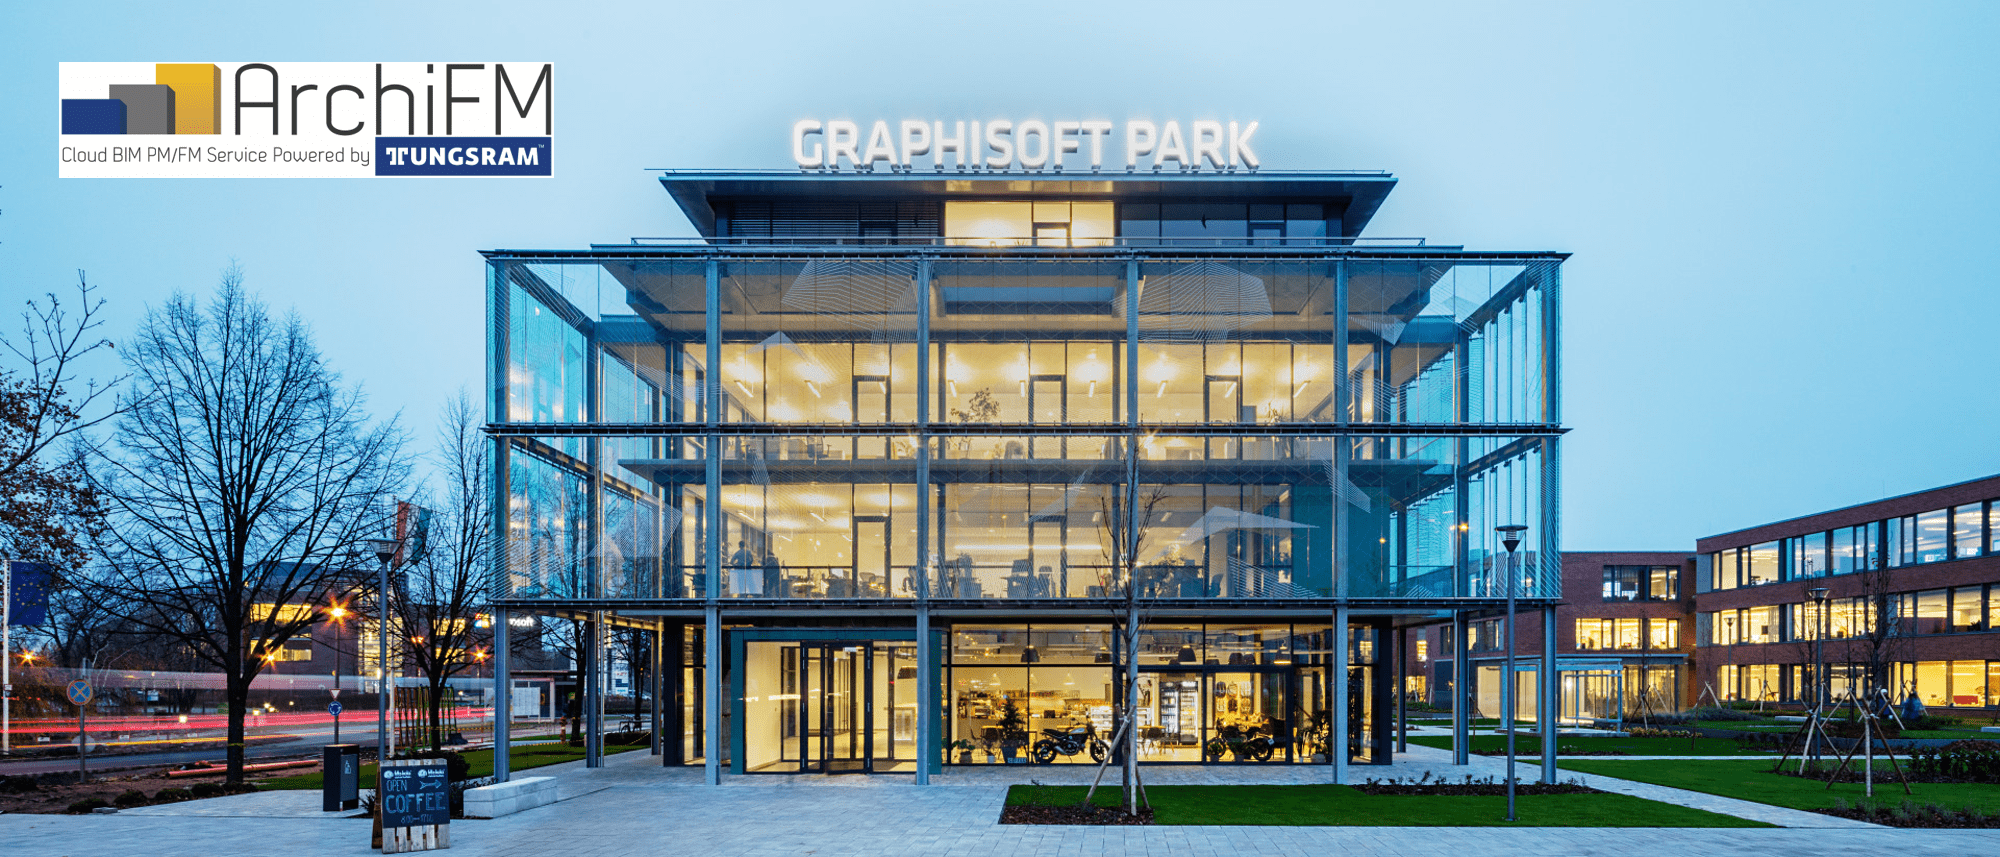 A Tungsram Innovative Solutions szerződést kötött a Graphisoft Parkkal a meglévő ingatlan help desk rendszerük modernizálására és funkcionalitásának kibővítésére.